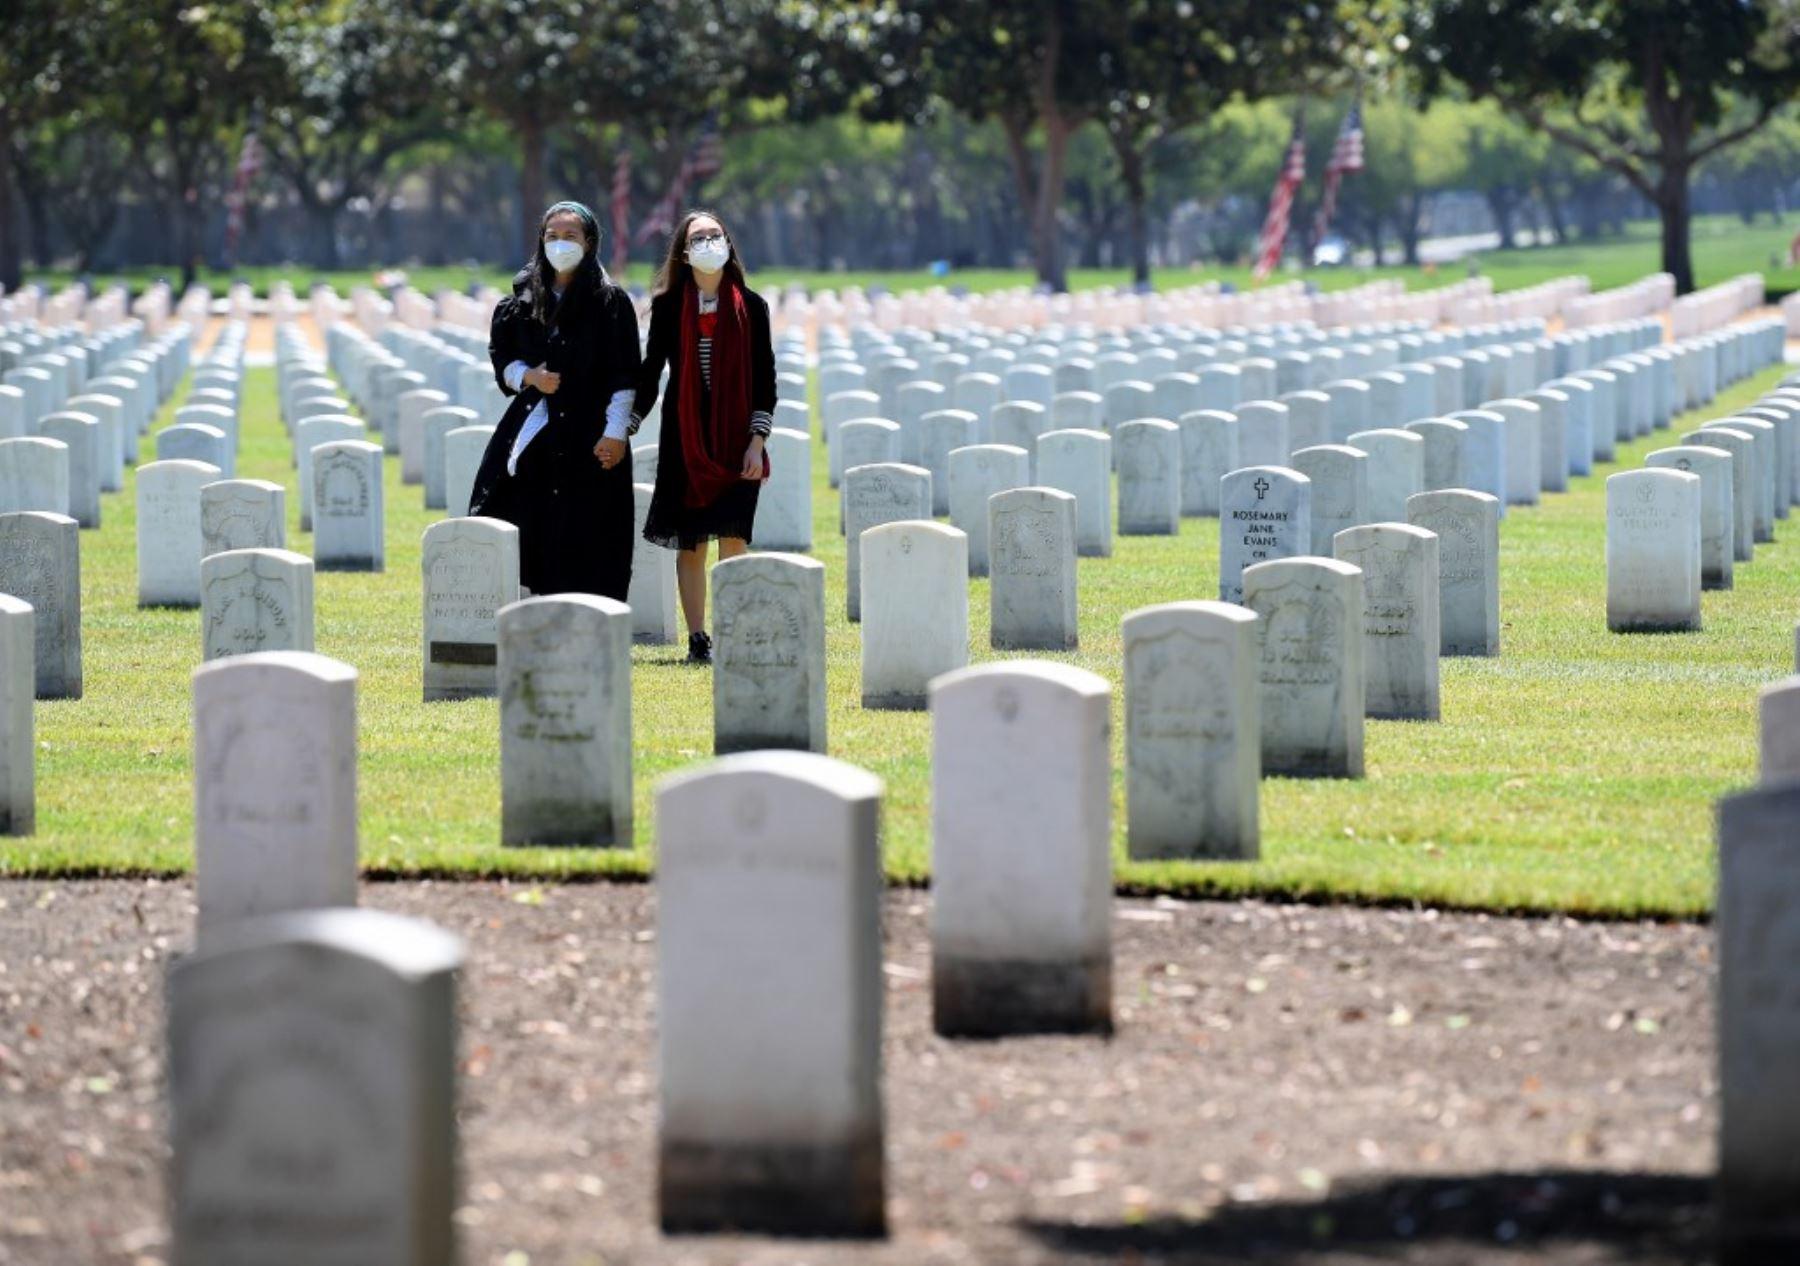 Las personas que usan máscaras protectoras respetan a sus seres queridos en el Día de los Caídos en medio de la pandemia de coronavirus (COVID-19) en el Cementerio Nacional de Los Ángeles. Foto: AFP